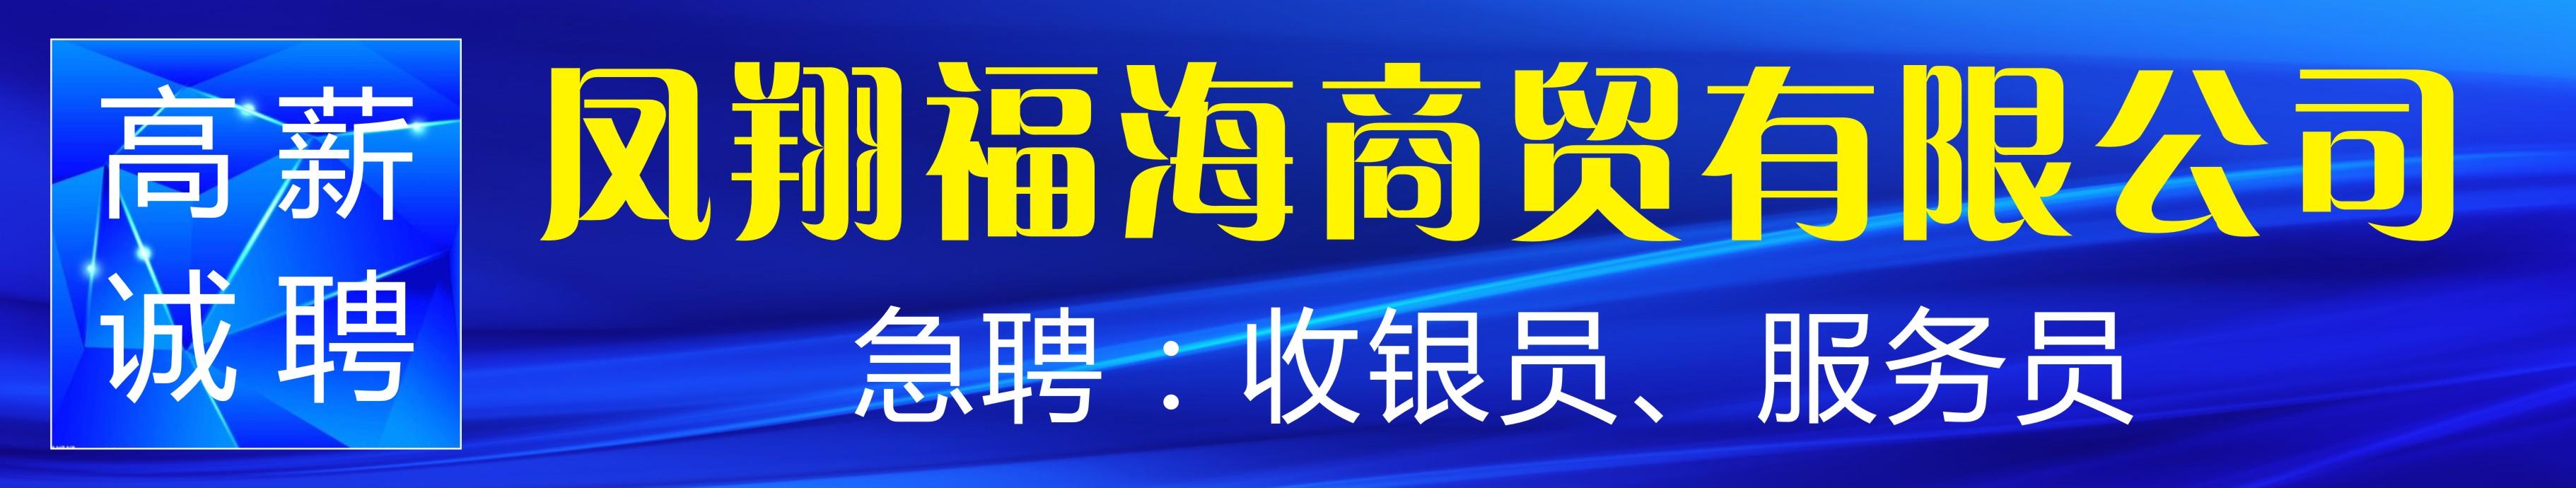 凤翔福海商贸有限公司